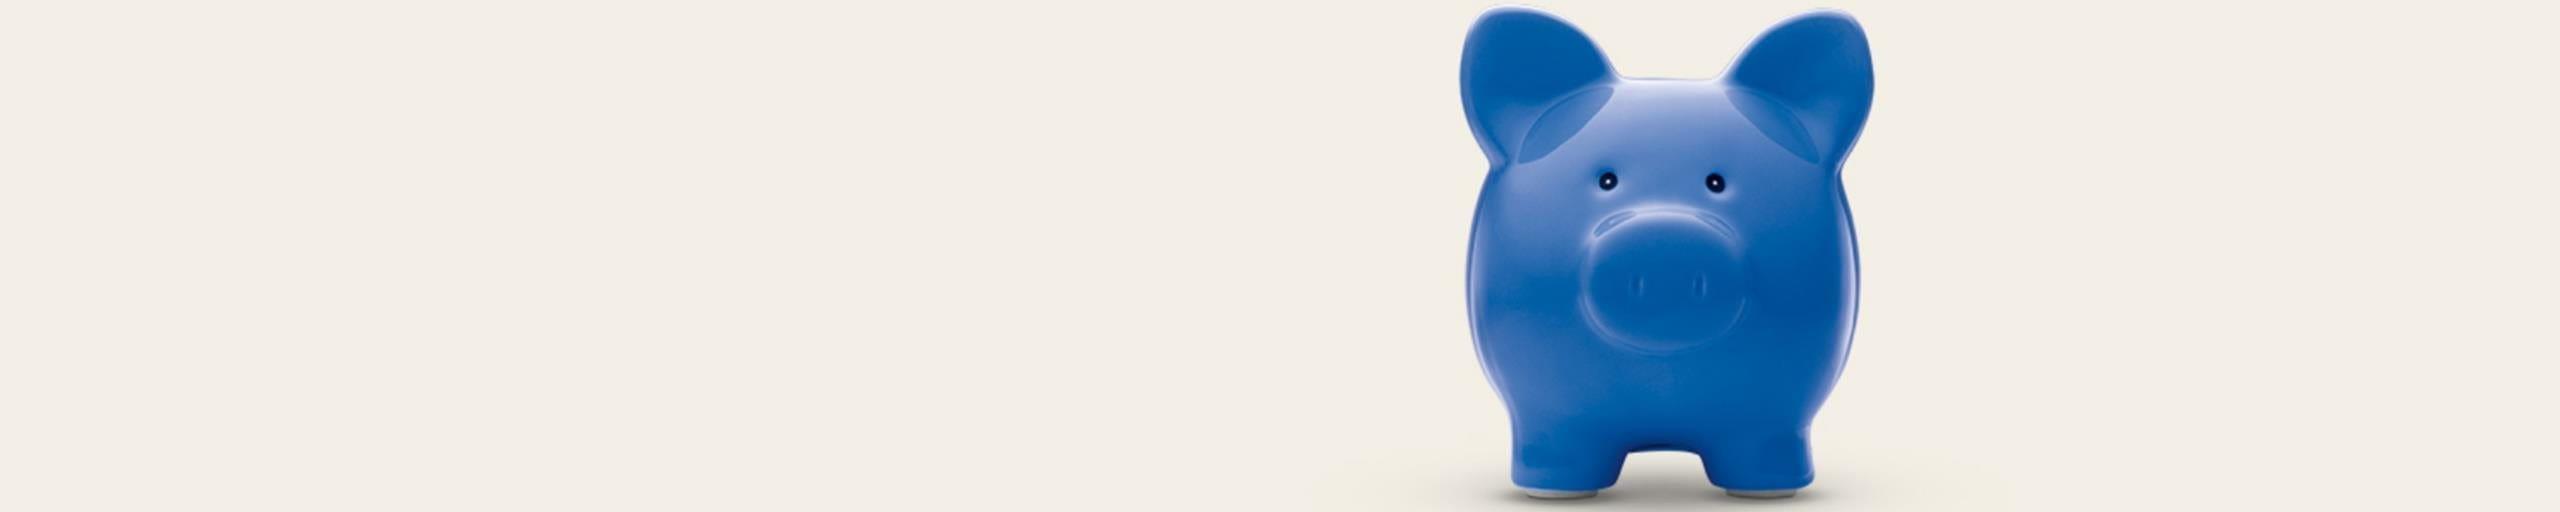 Bleu porc